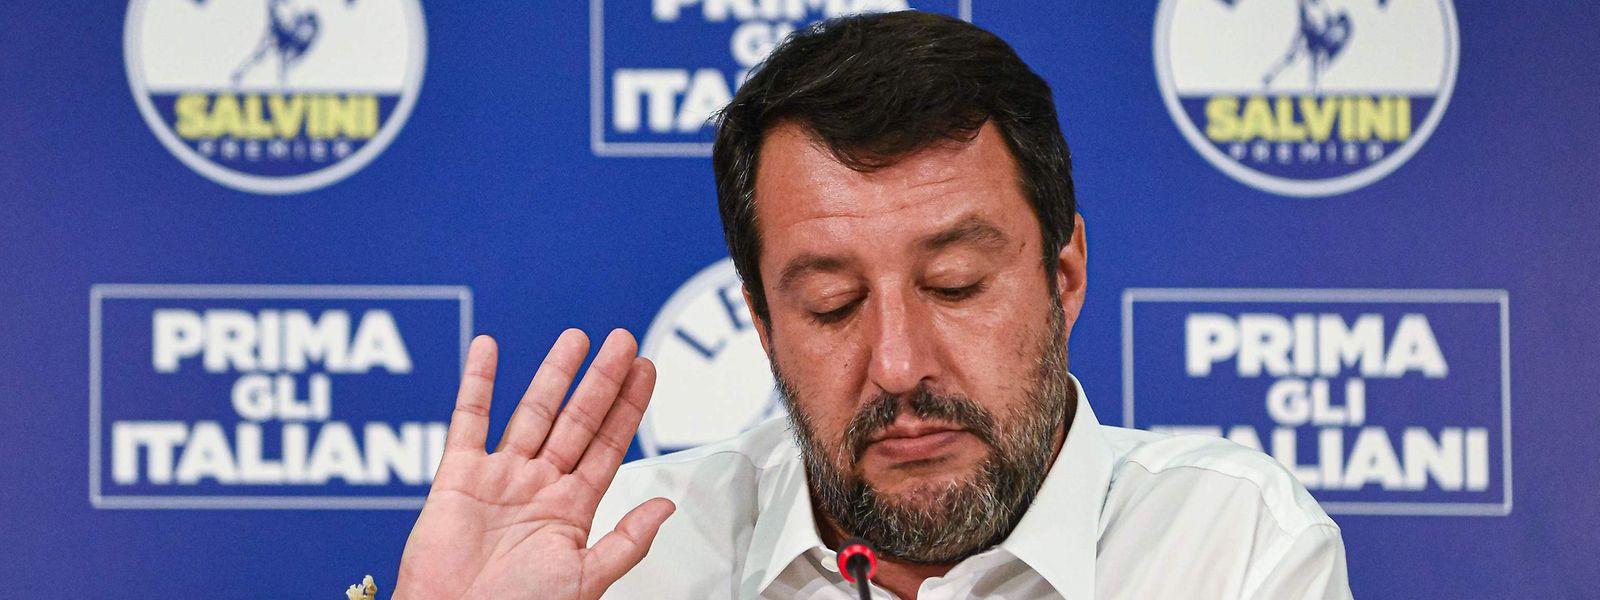 Oppositionsführer Matteo Salvini muss sich nach den Regionalwahlen unangenehme Fragen stellen lassen.